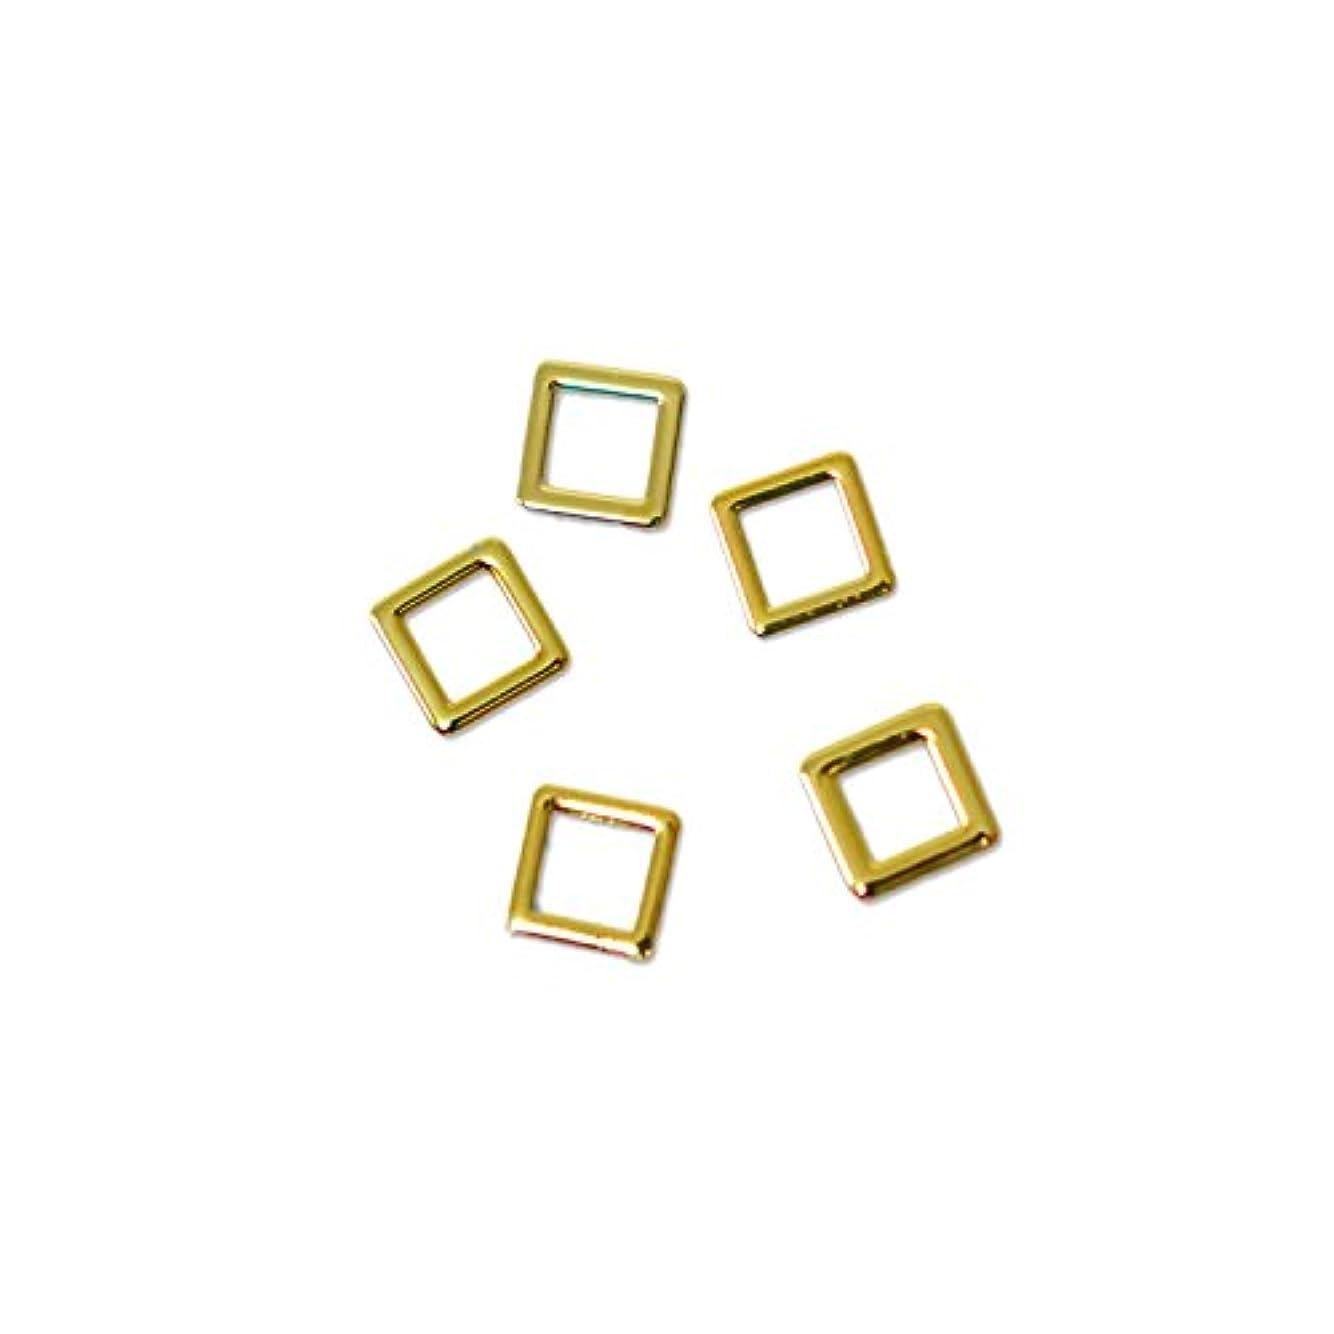 スツールボード変色する薄型メタルパーツ10001 スクエア 約3mm(内寸約2mm) ゴールド 20個入り 片面仕上